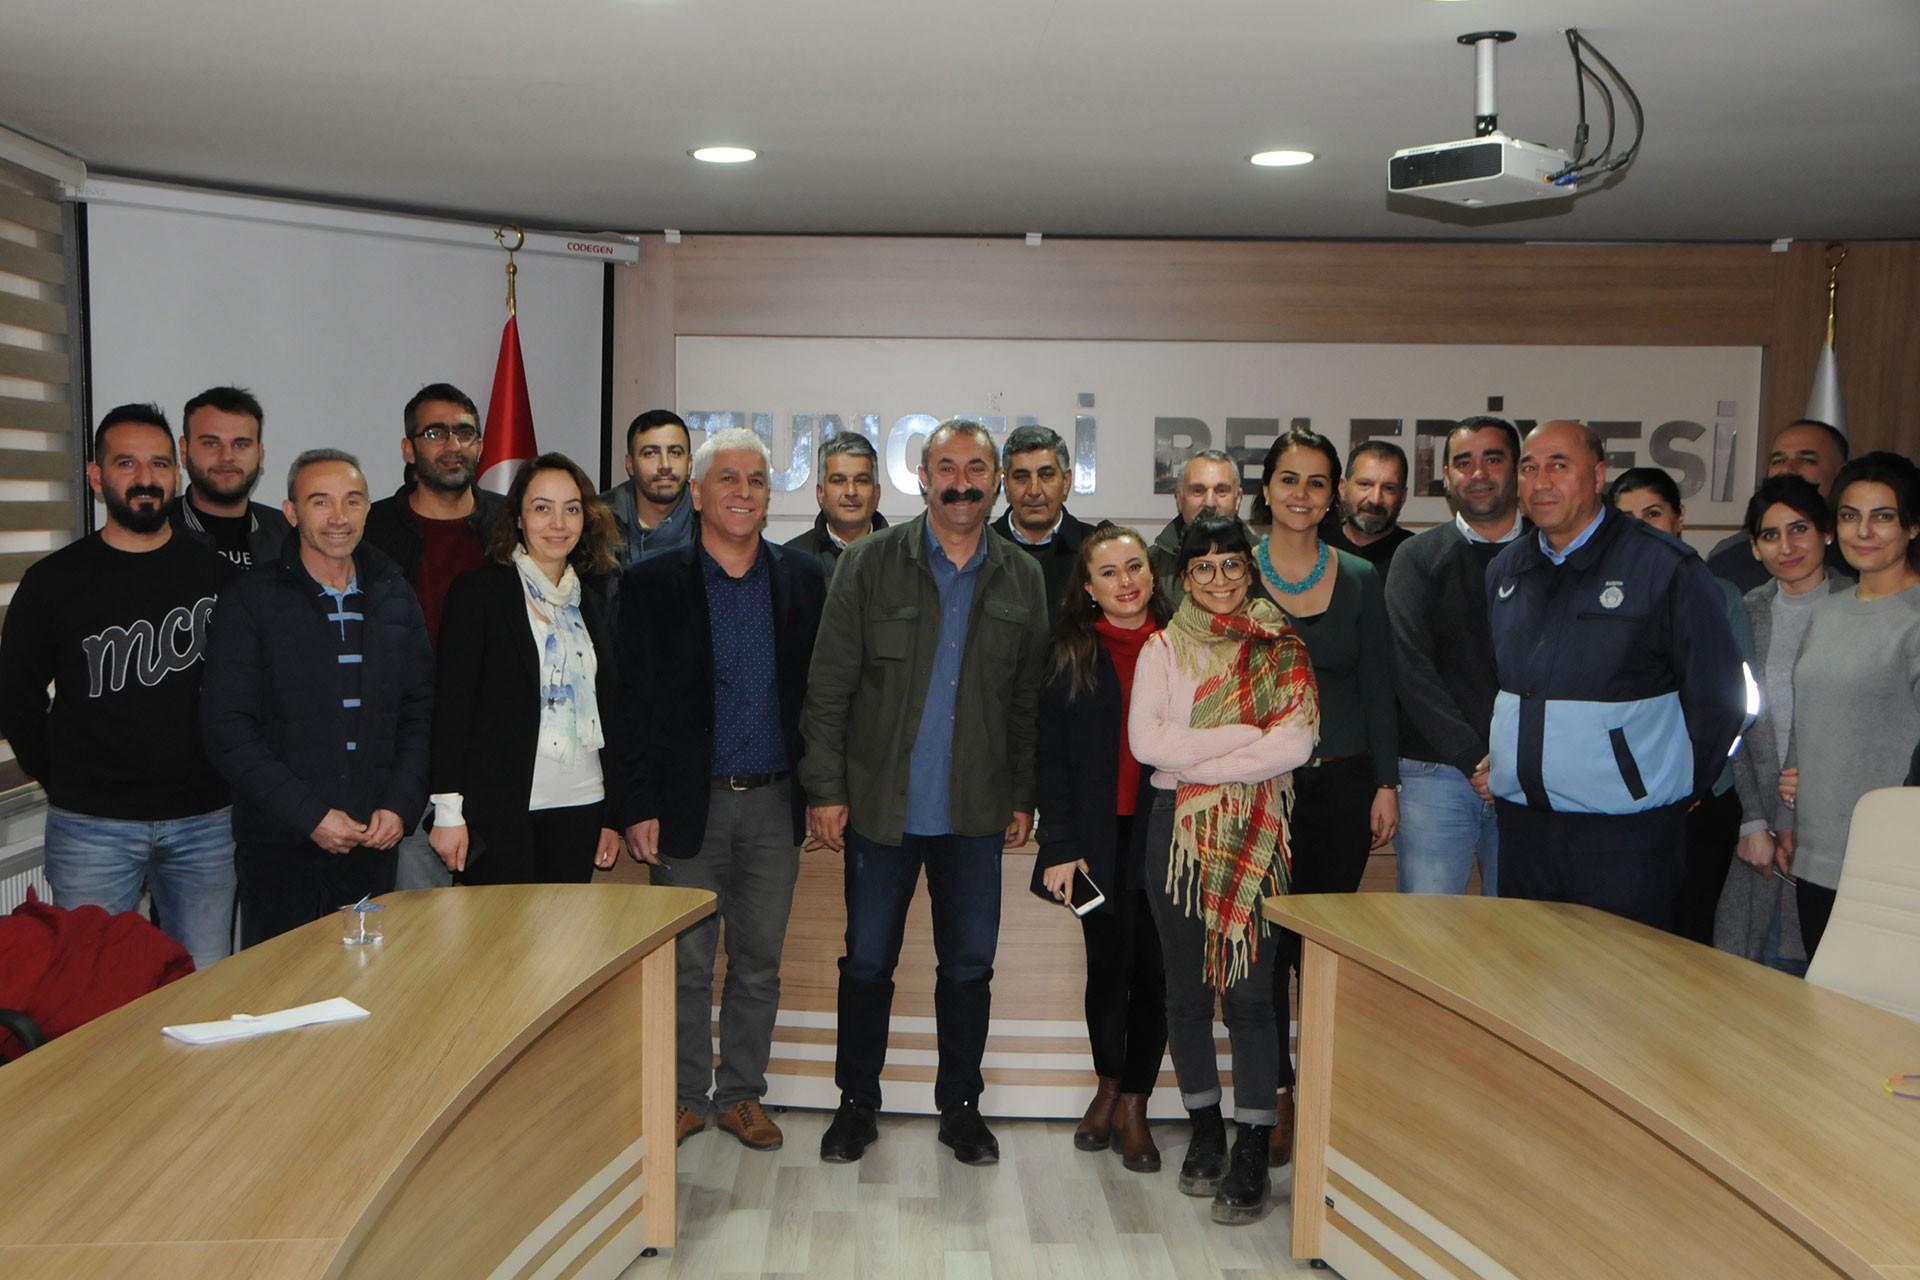 Belediye Başkanı, çalışanlar ve sendika temsilcileri sözleşme sonrası fotoğraf çektirdi